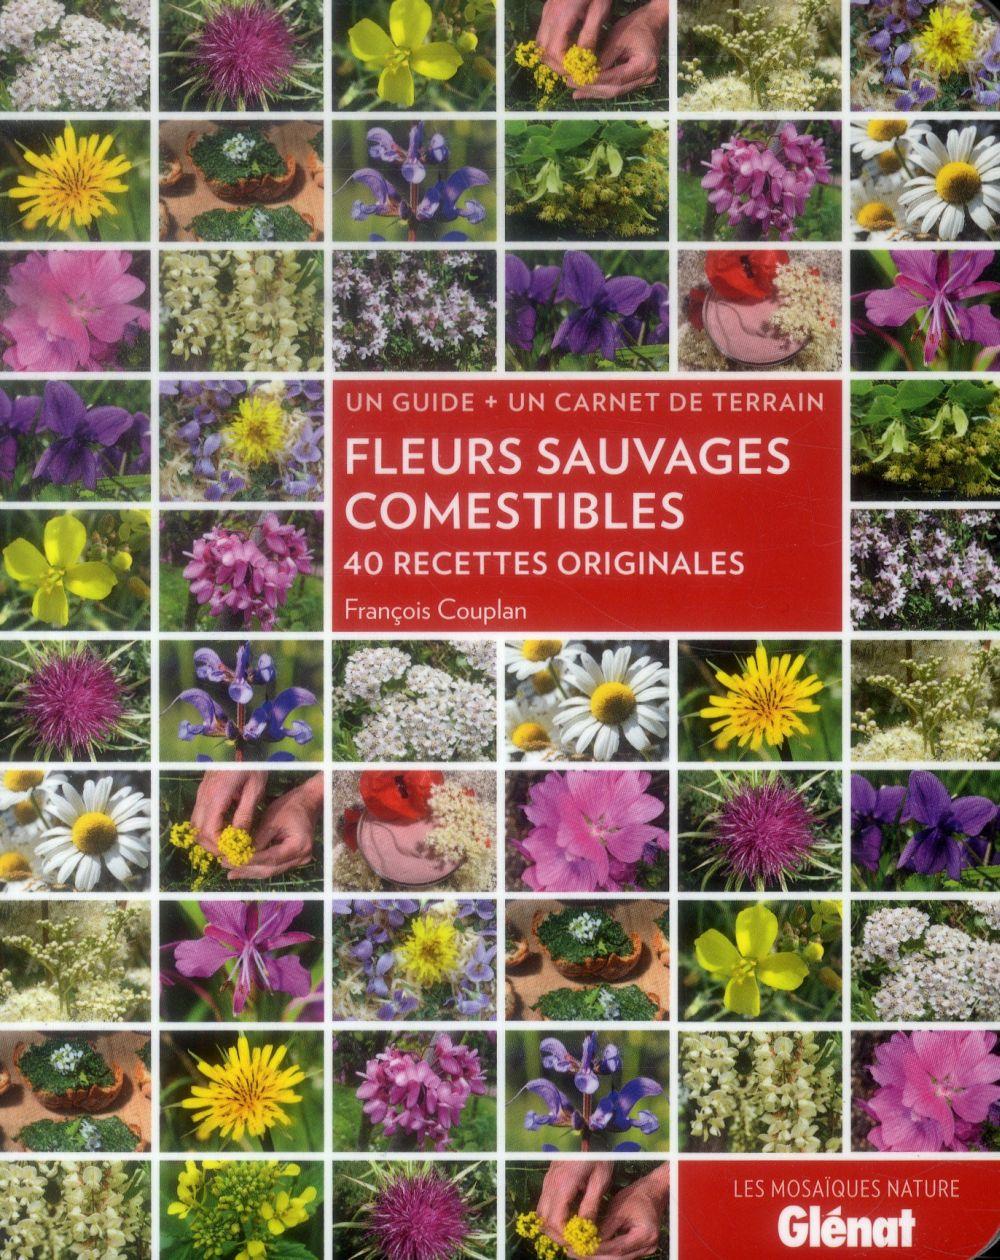 Fleurs sauvages comestibles